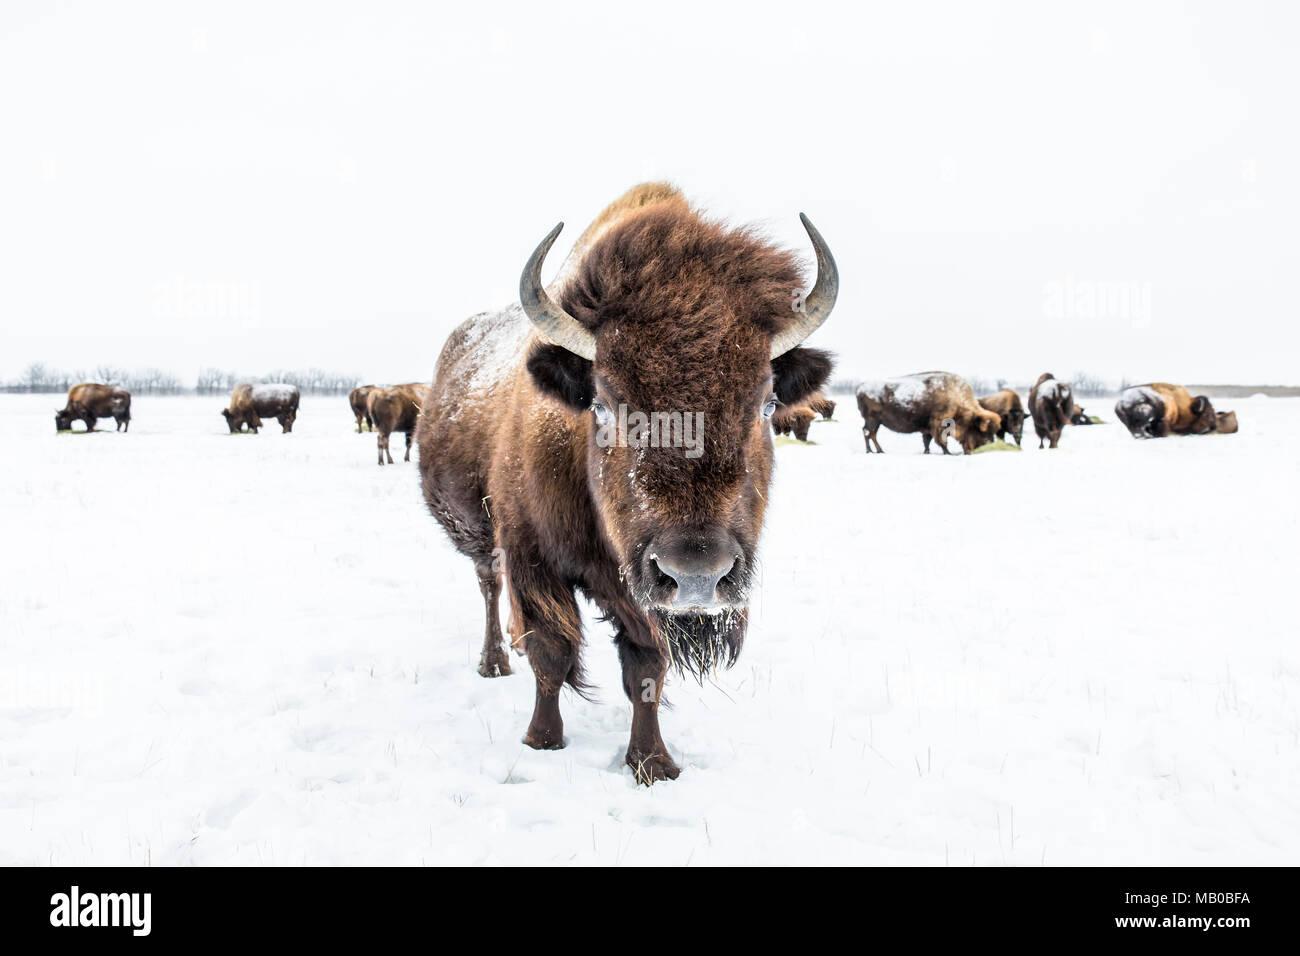 Troupeau de bison d'Amérique, ou le bison des plaines (Bison bison bison) en hiver, Manitoba, Canada. Banque D'Images